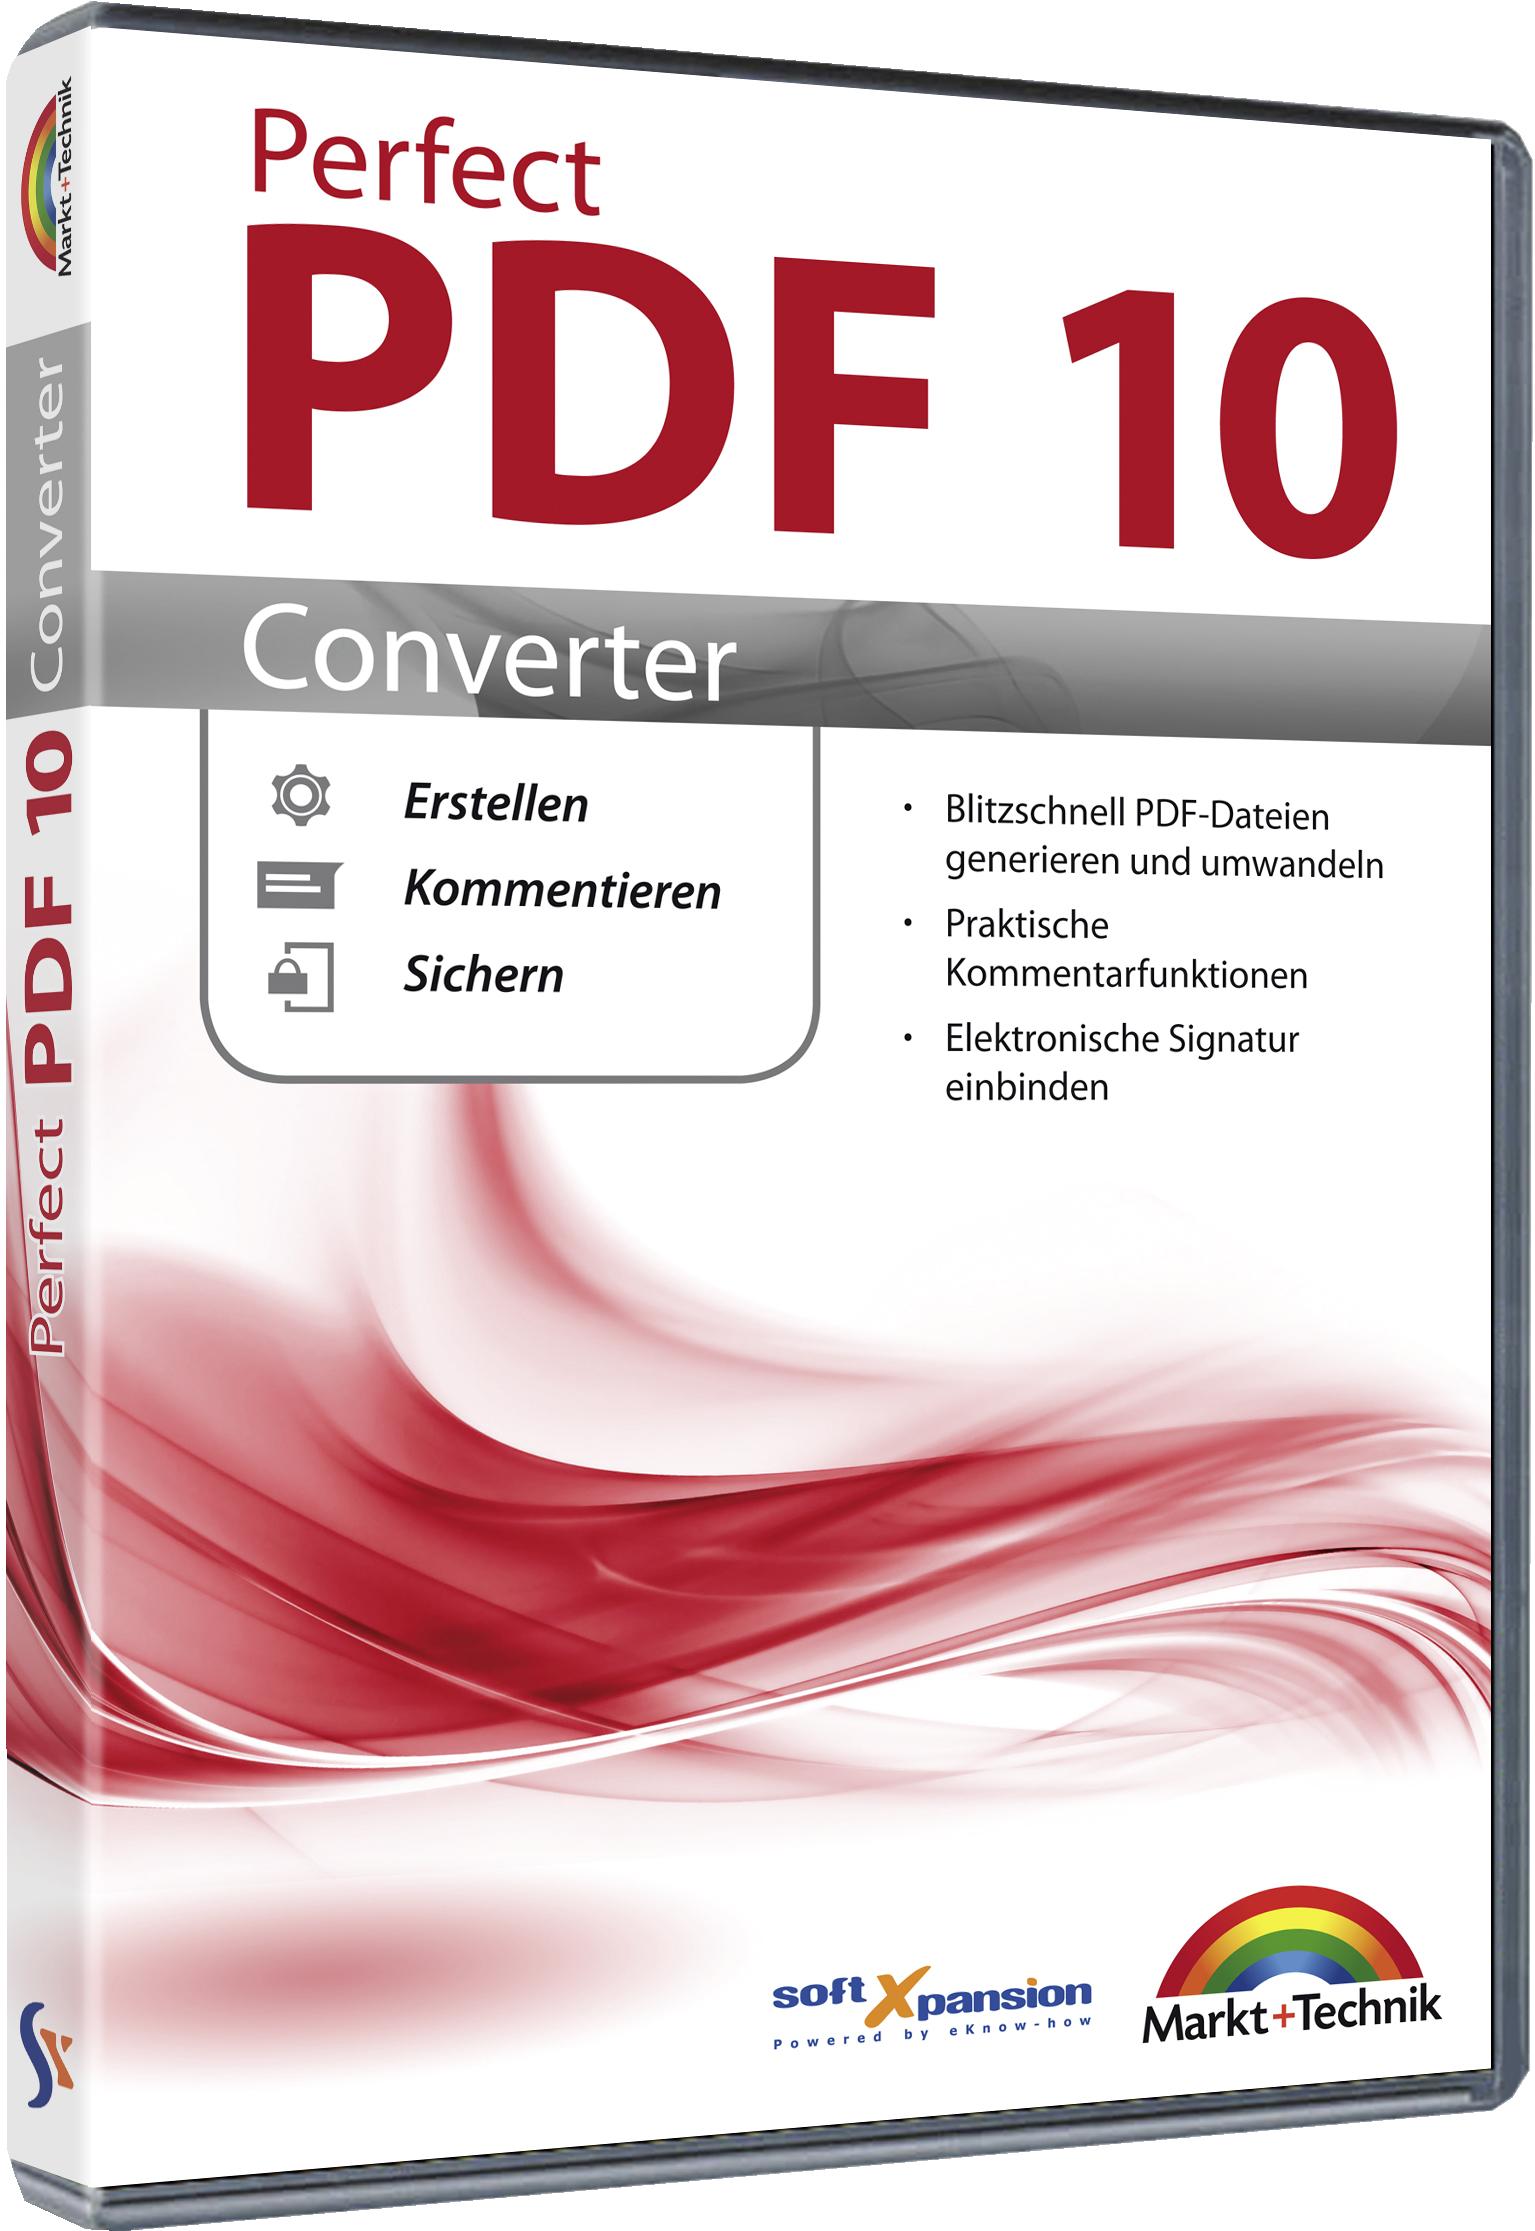 PC_PerfectPDF_Converter_3D Erstaunlich Große Lampen Für Hohe Räume Dekorationen